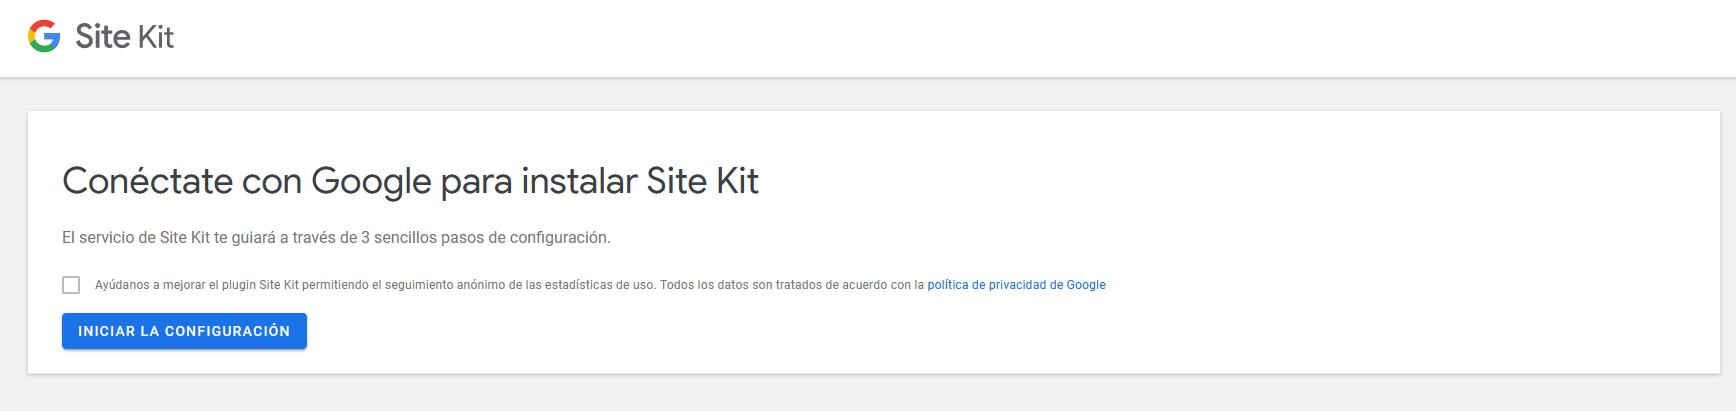 Iniciar la conexión de Site kit con tu cuenta de Google